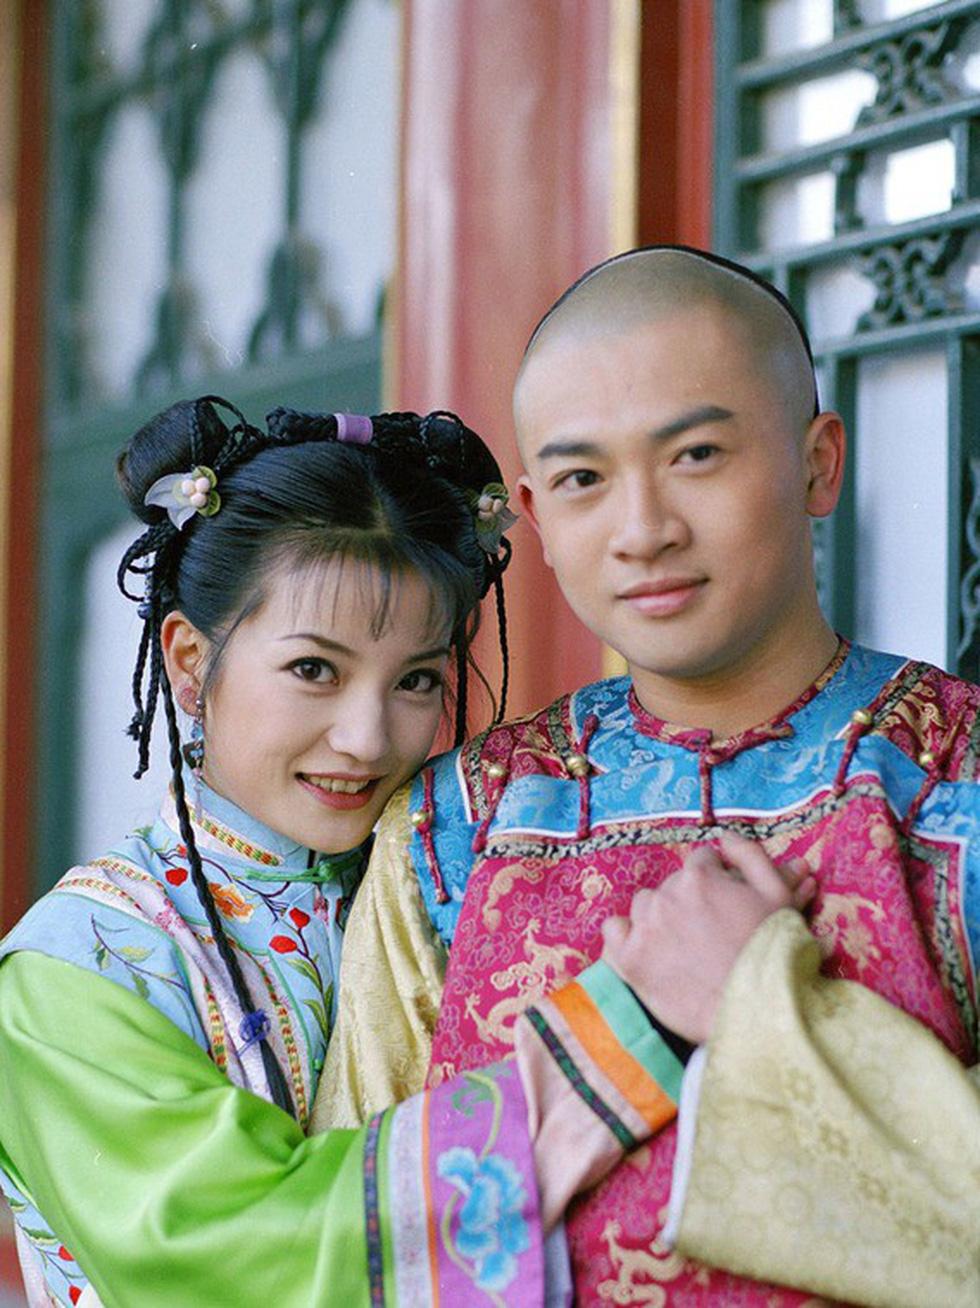 20 năm qua, ai đã dành cả thanh xuân để xem Hoàn Châu công chúa? - Ảnh 9.